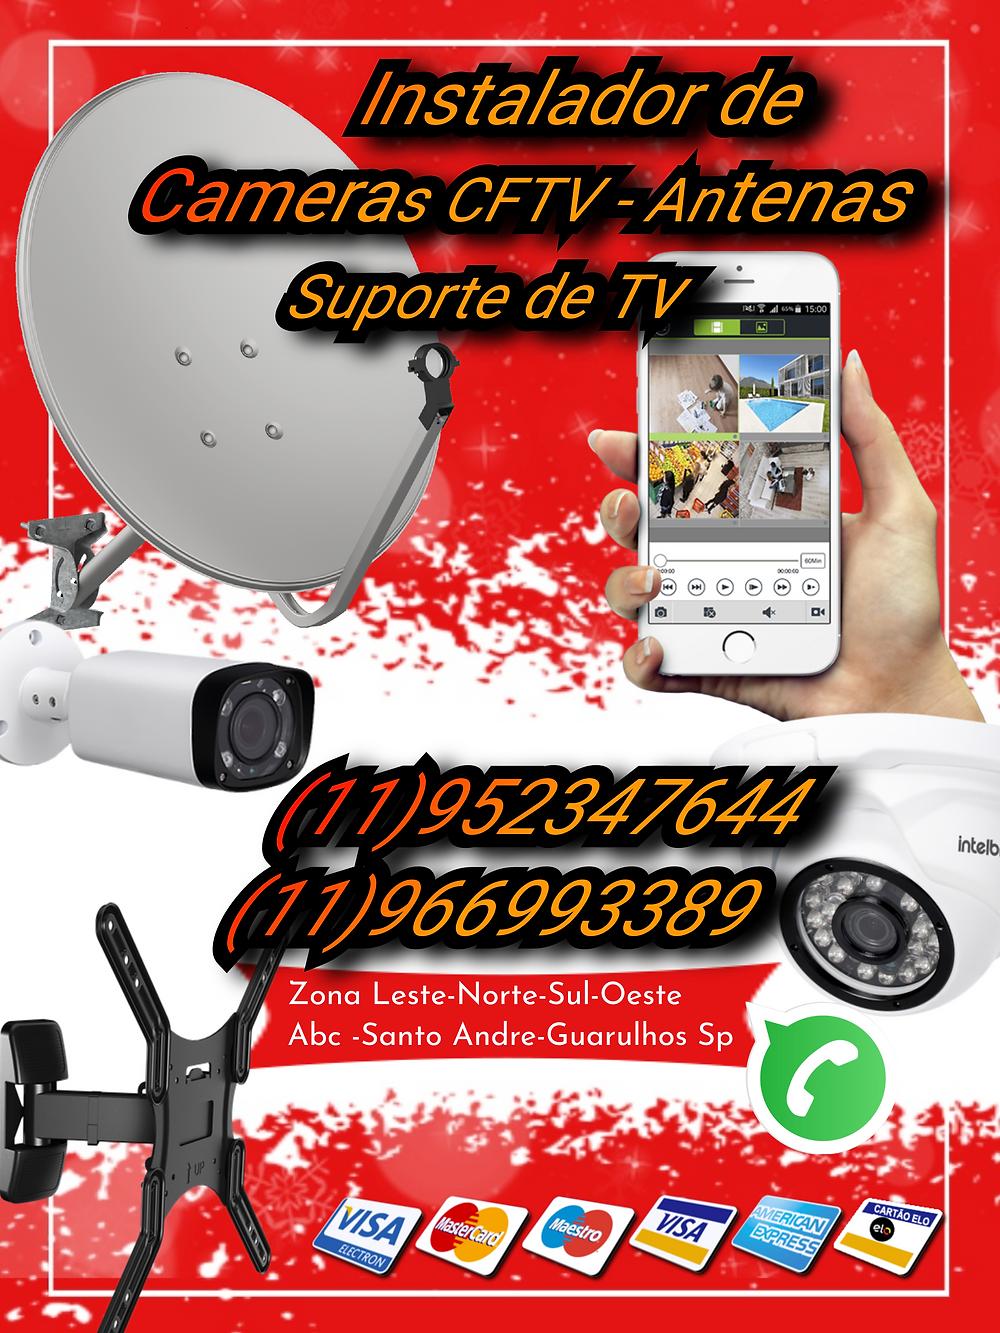 instalação de antena digital na Cidade Tiradentes antenista suporte para tv instalador de antenas